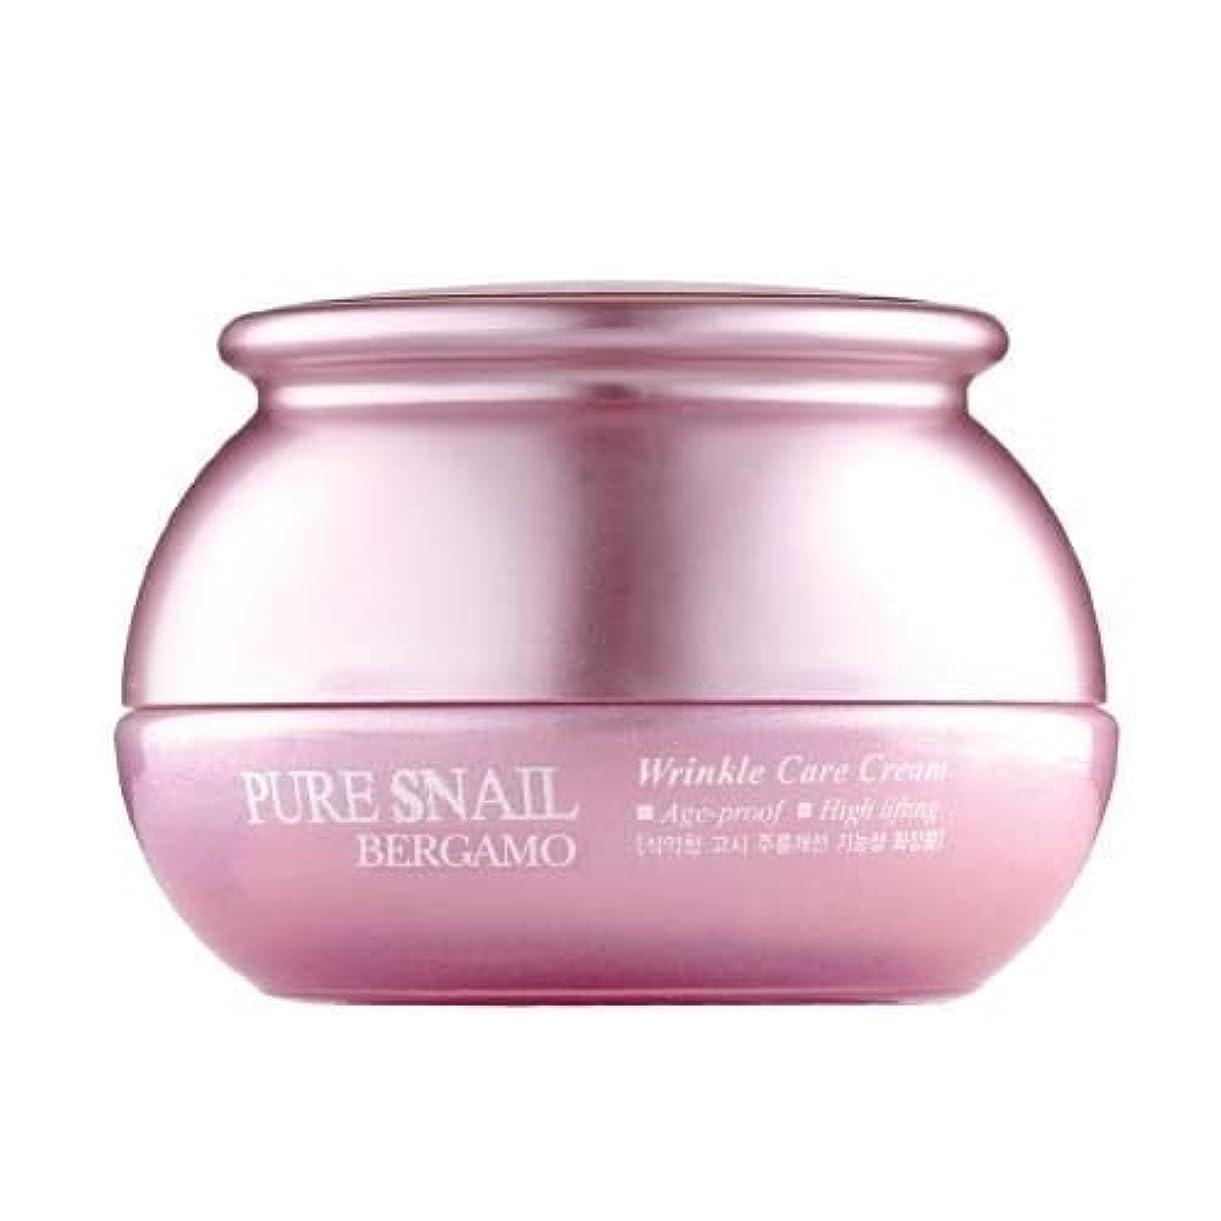 神話行商人スティーブンソンベルガモ[韓国コスメBergamo]Pure Snail Wrinkle Care Cream カタツムリリンクルケアクリーム50ml しわ管理 [並行輸入品]